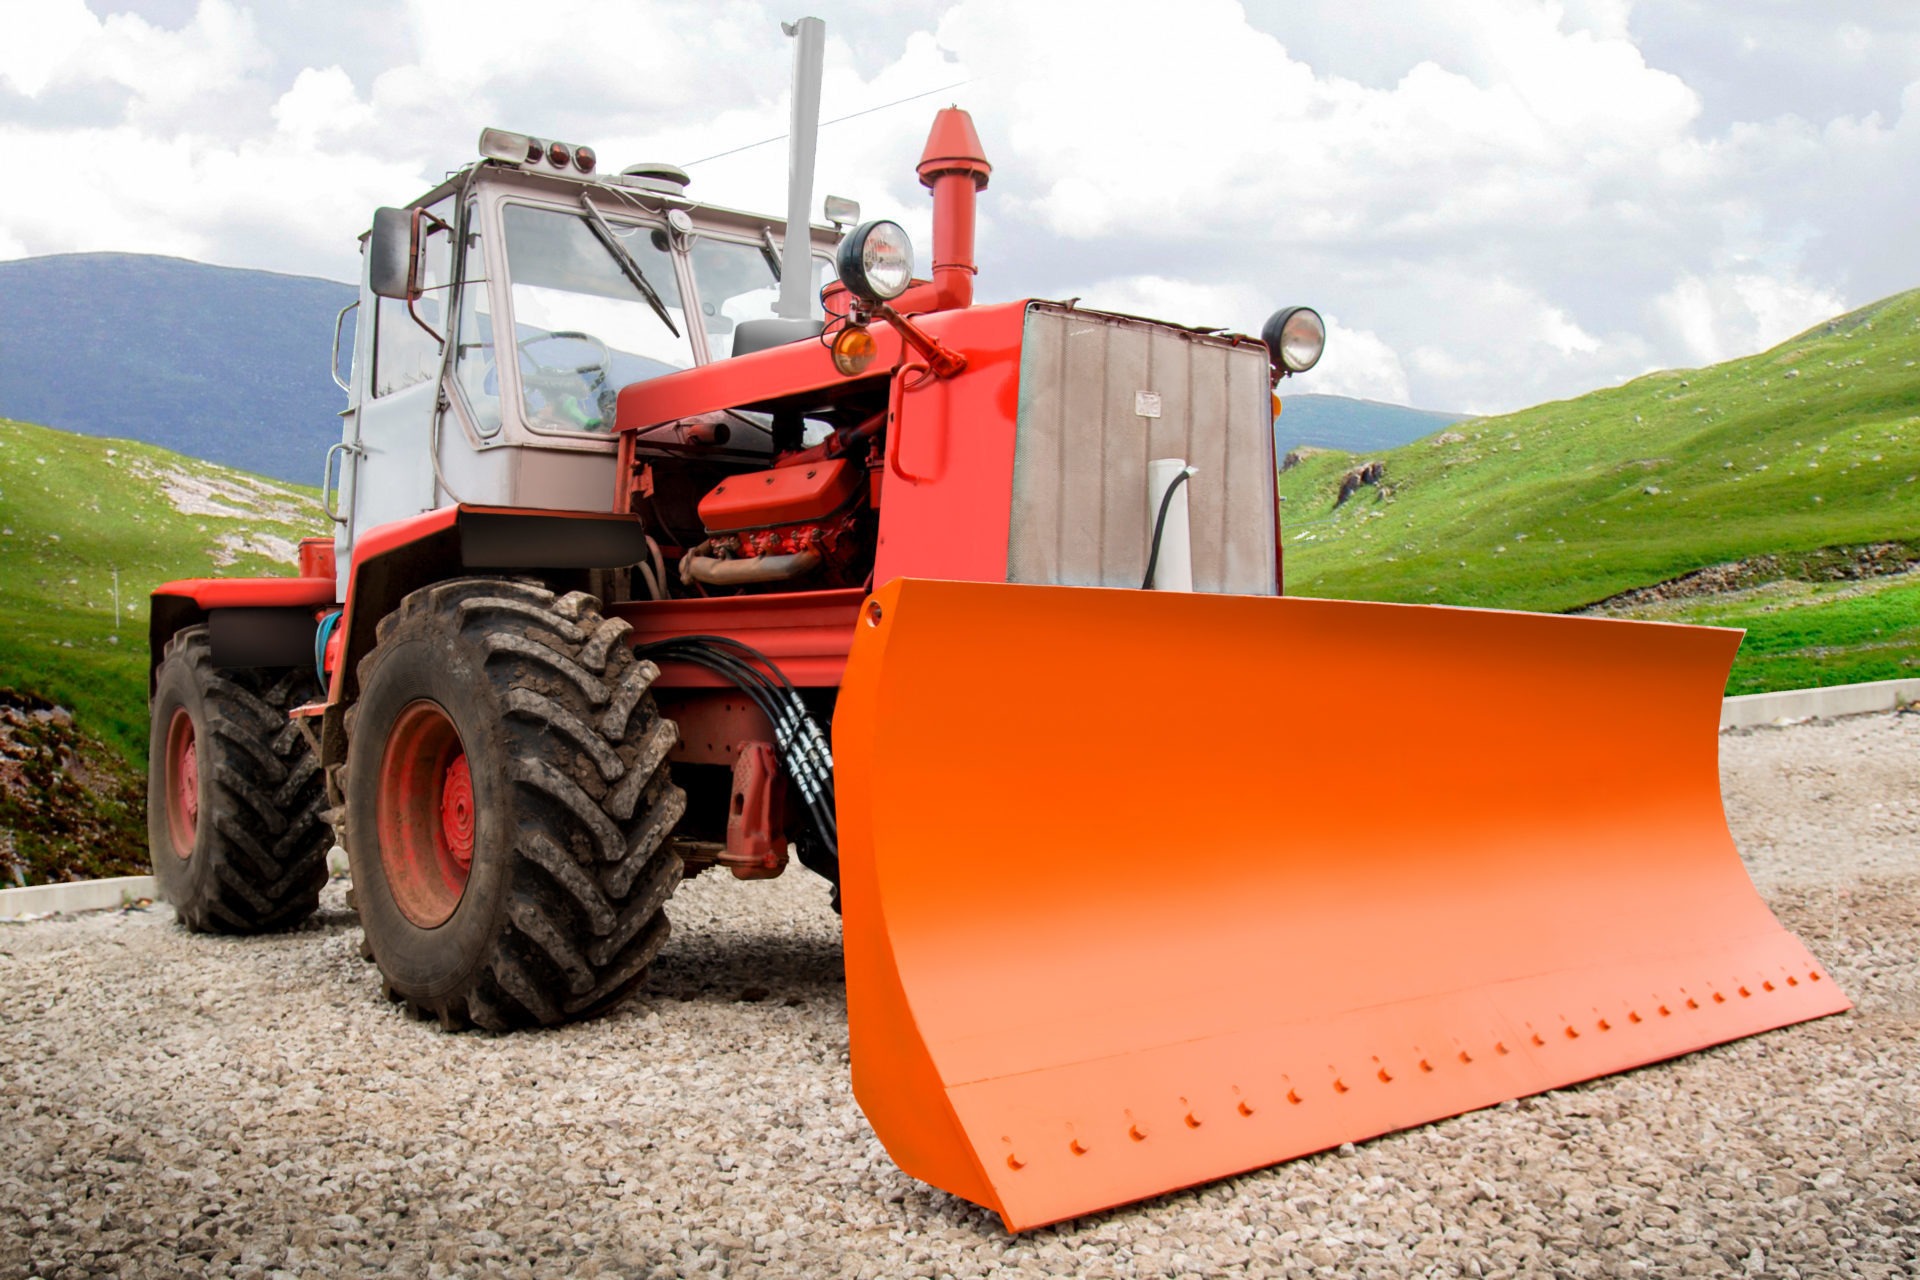 Отвал бульдозерный гидроповоротный к трактору ХТЗ-150